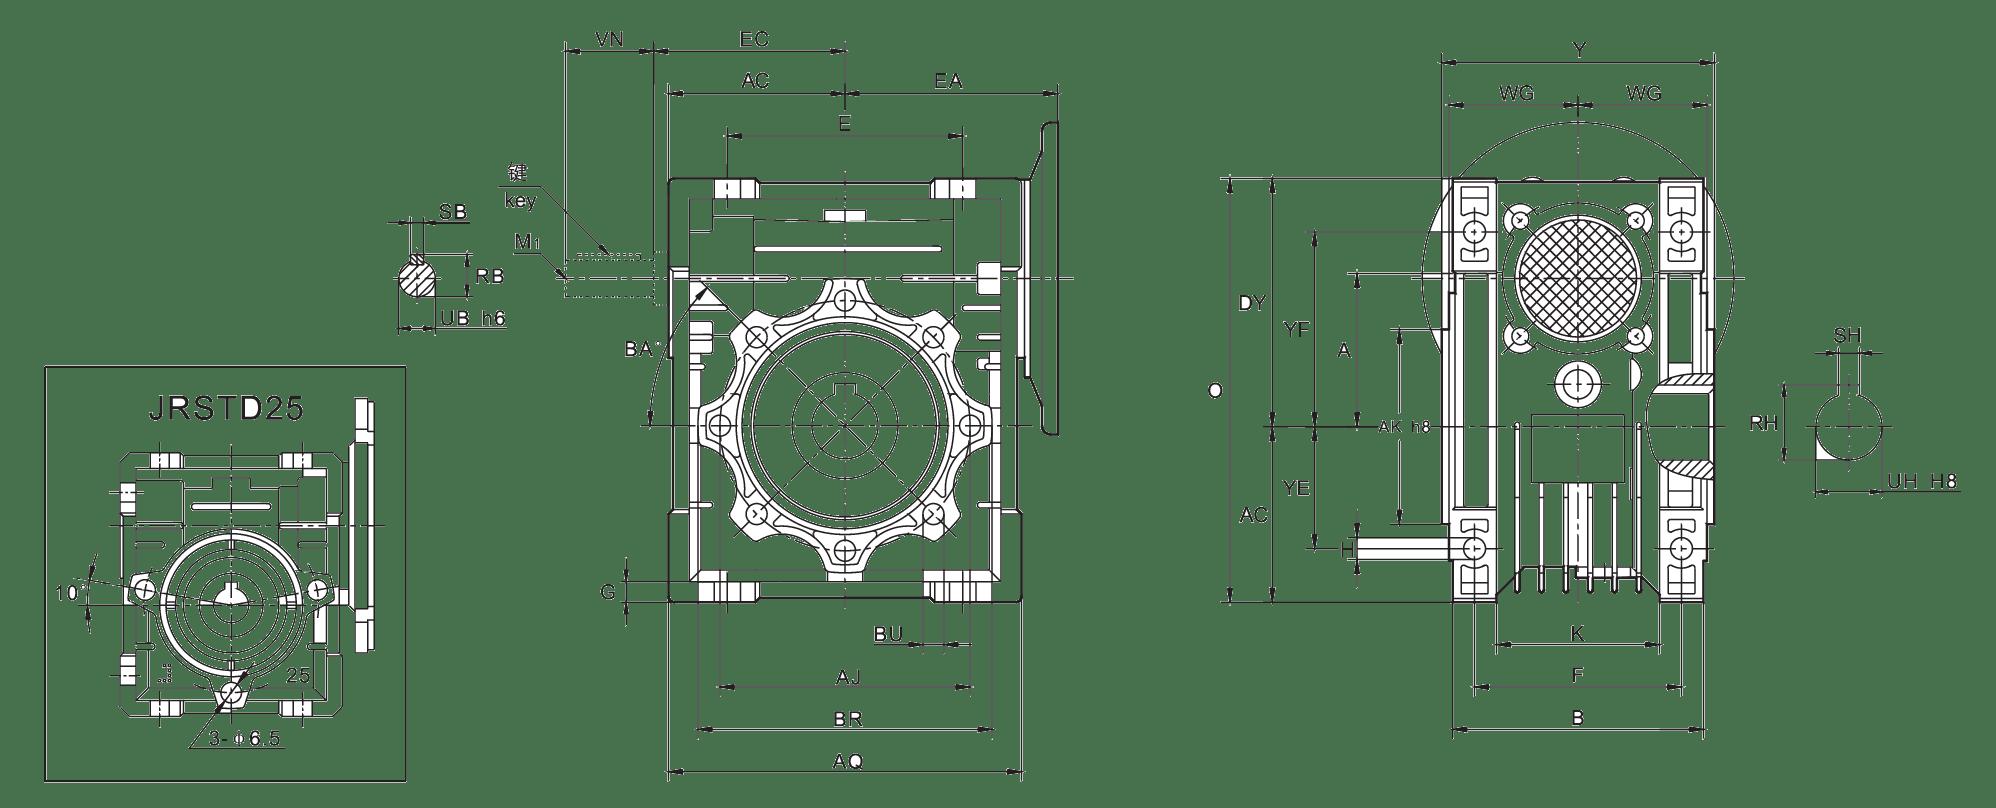 Монтажные размеры червячных редукторов JRSTD (NMRV)